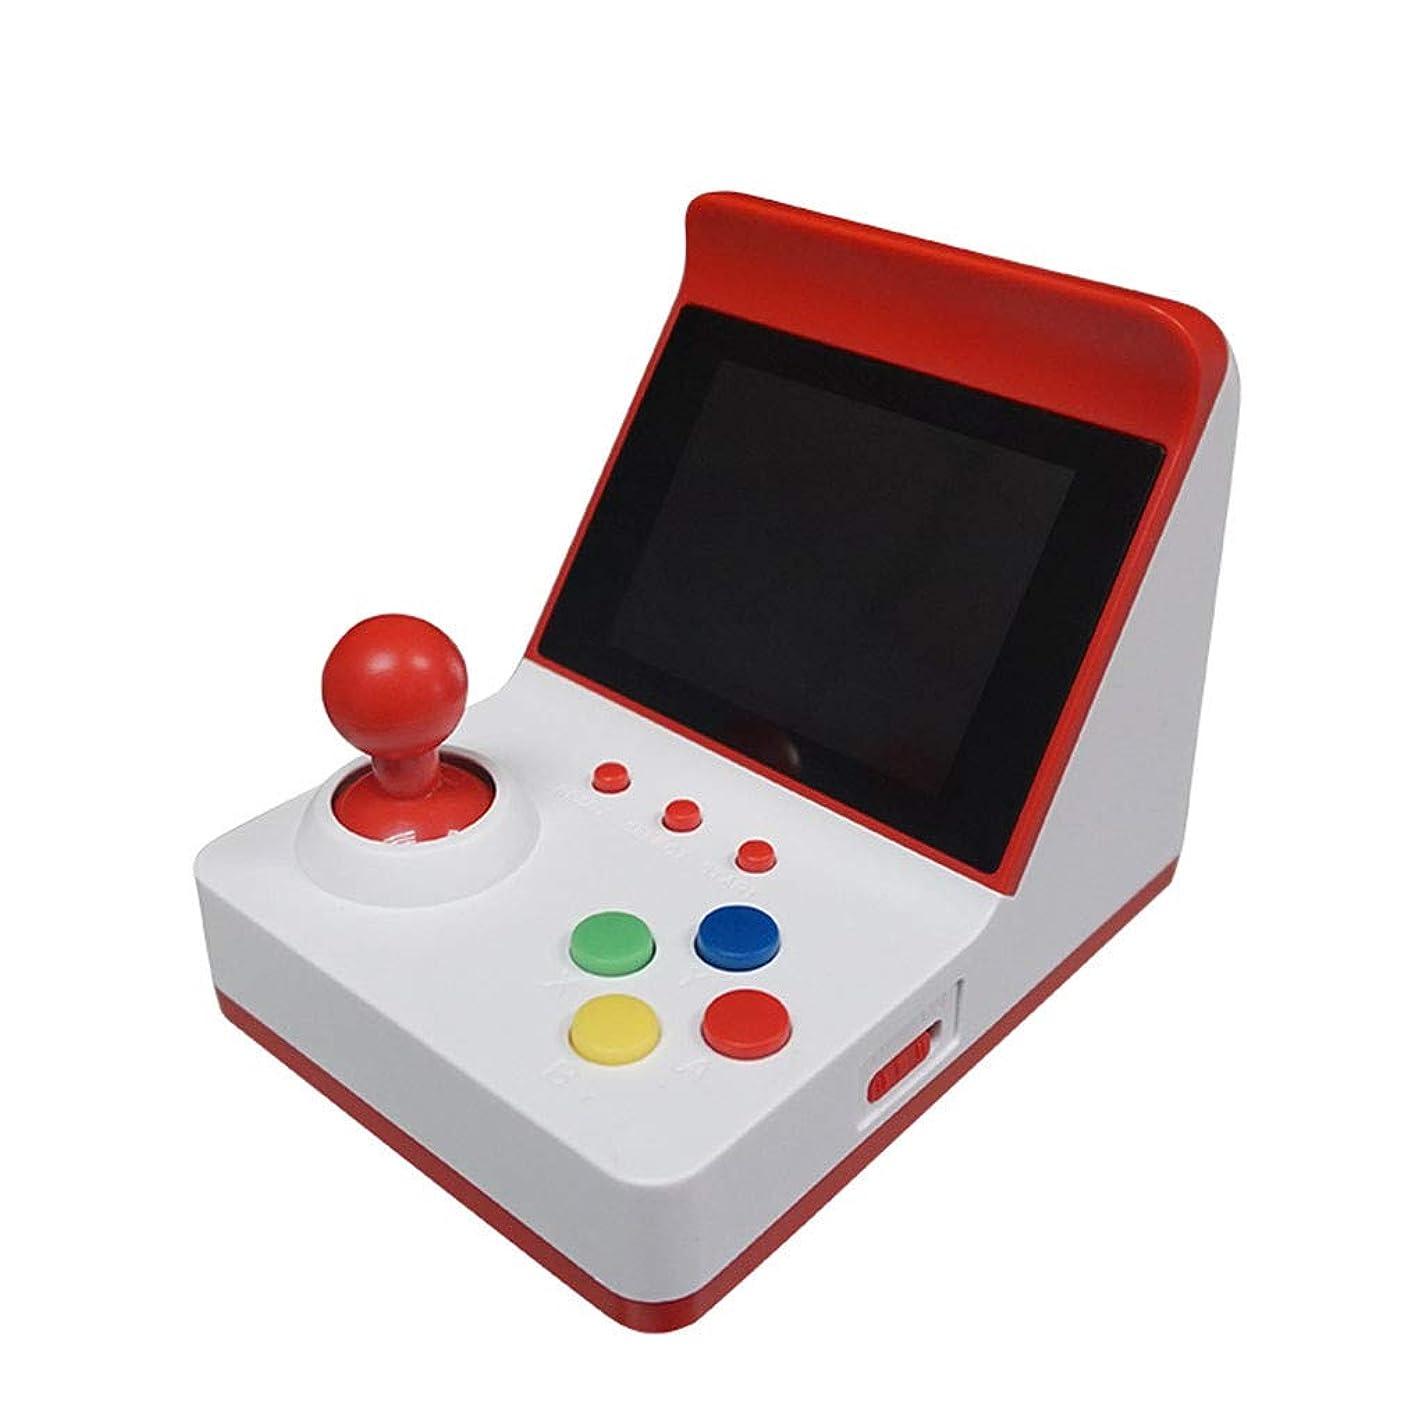 軽食短くする水平慶氏会社 A6 ミニ レトロ ゲームアーケード デュアルハンドル アーケードゲーム 3.0インチ コンソール クラシックハンドヘルド 2つのコントローラーを備えたビデオゲーム (レッド)